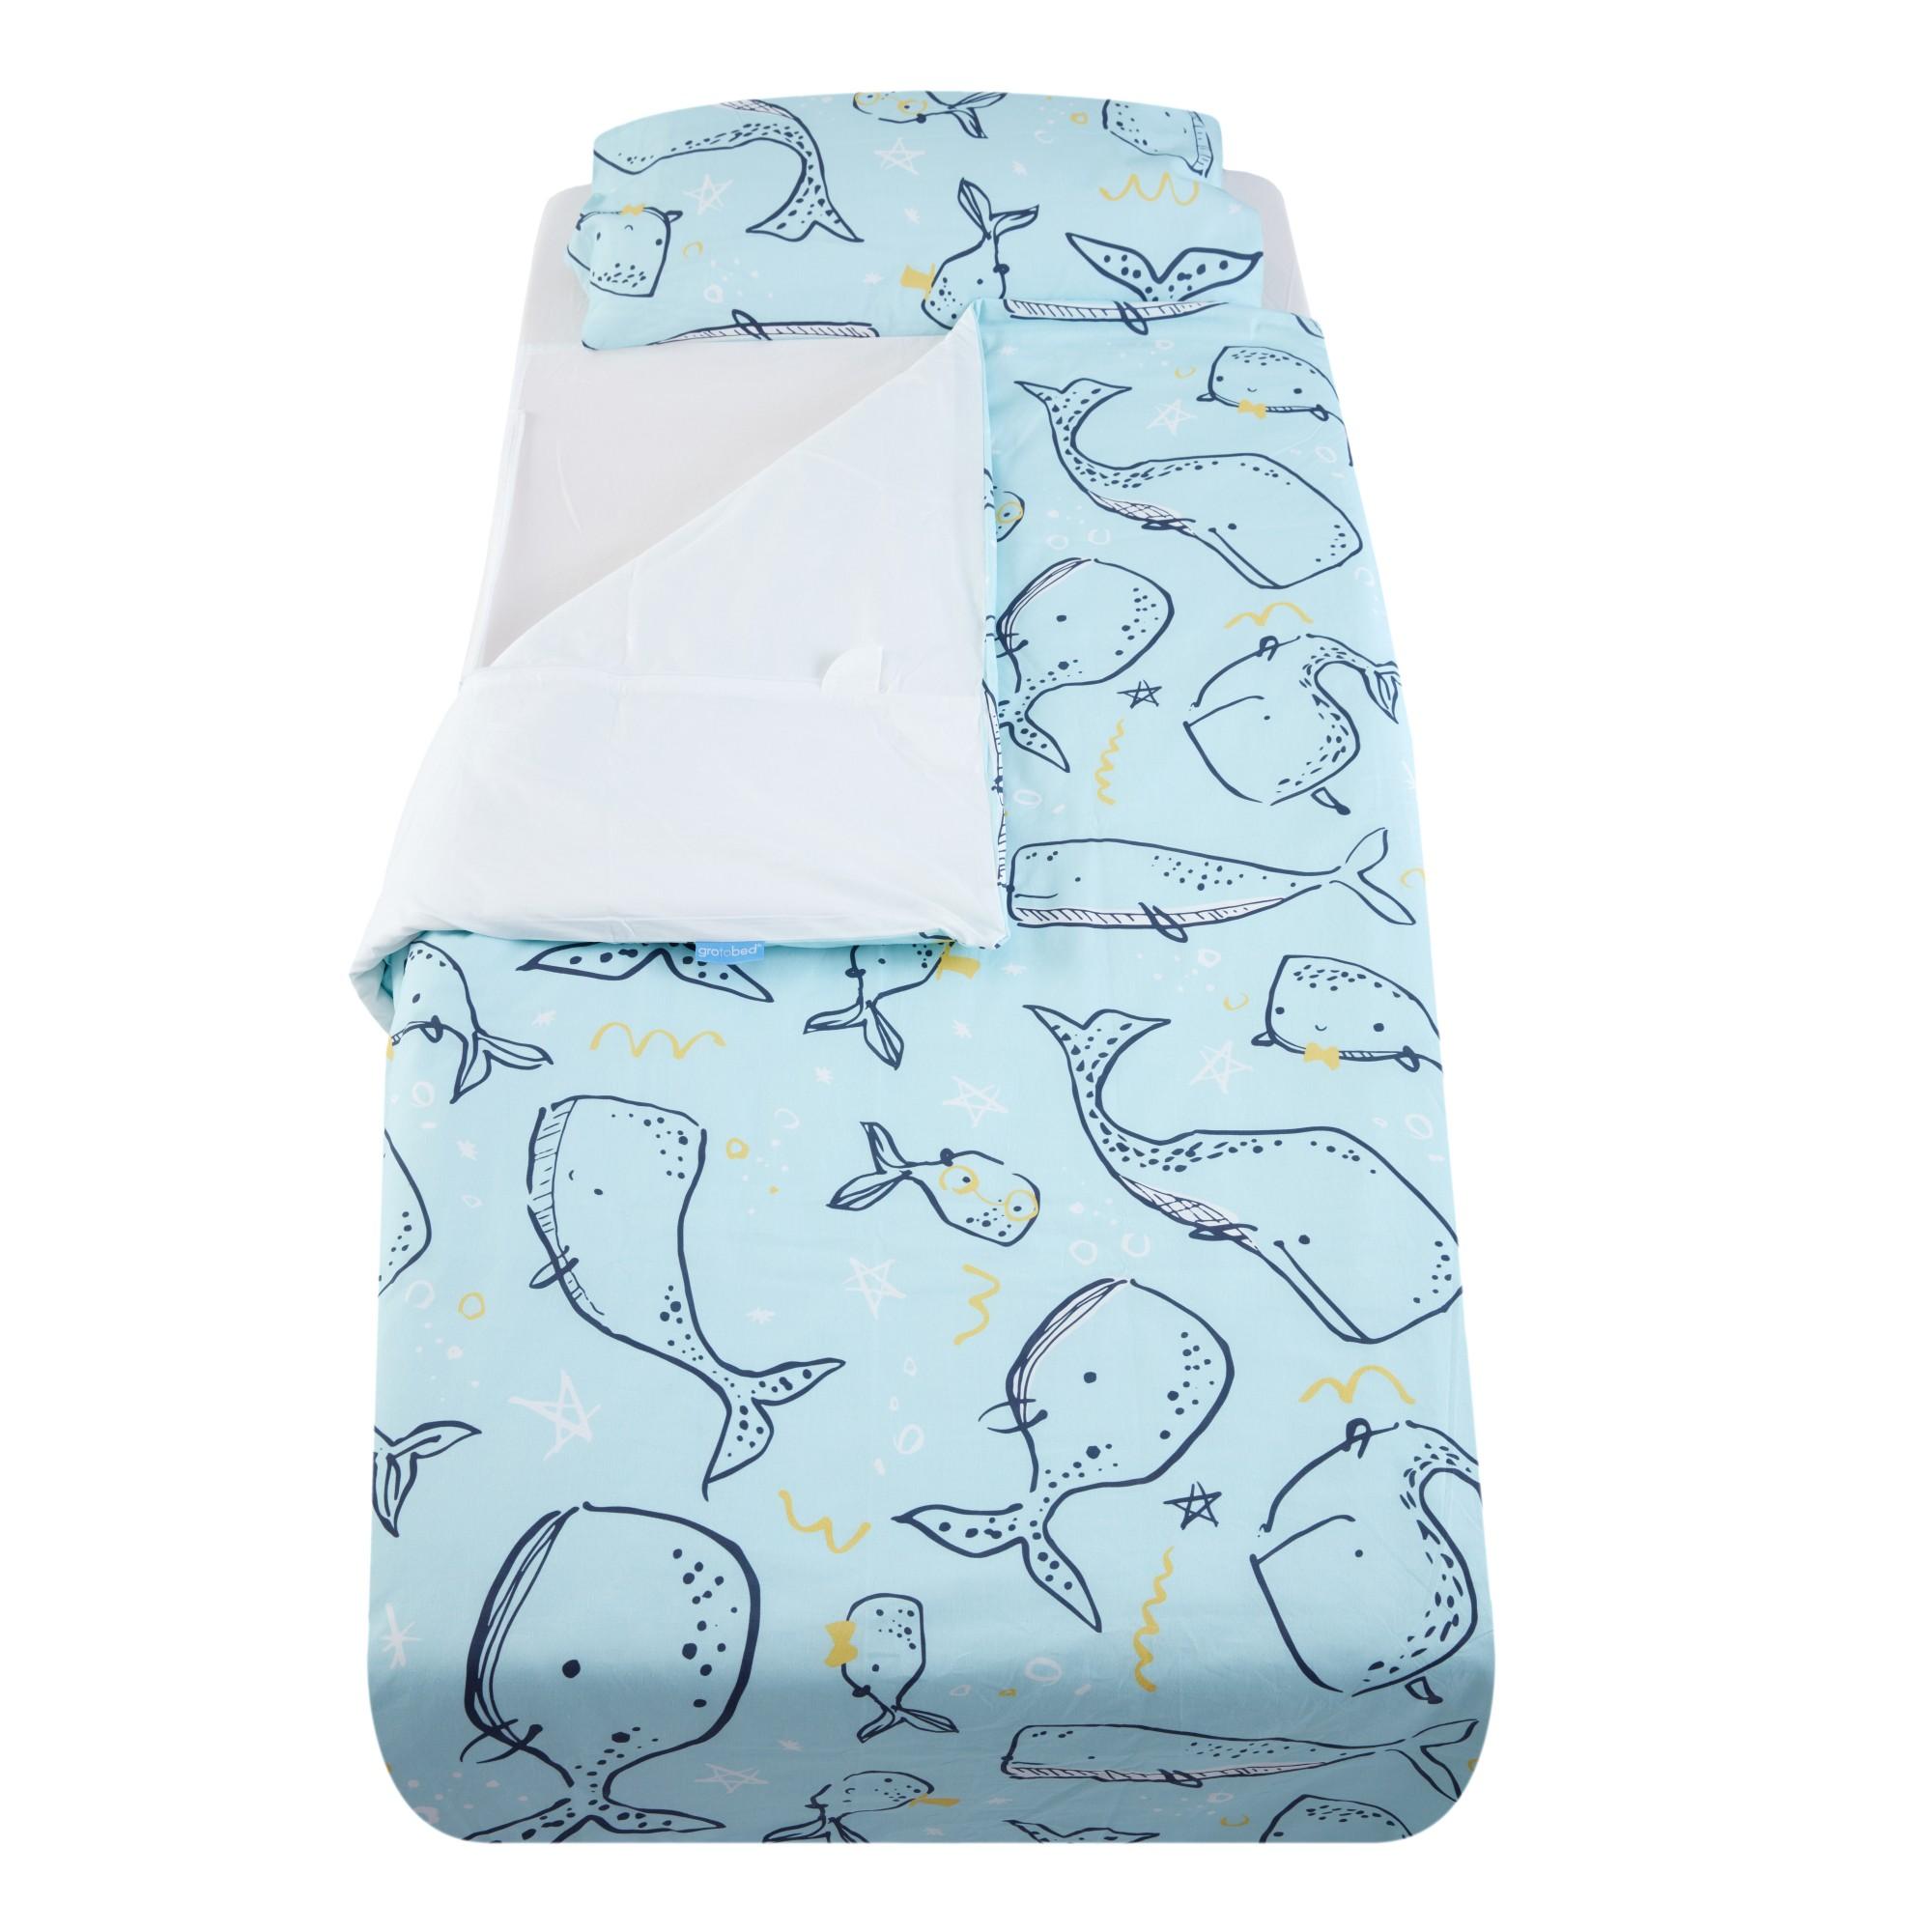 Lenjerie pentru pat, Balenuta, pentru pat cu saltea de 190 x 90 cm, Gro